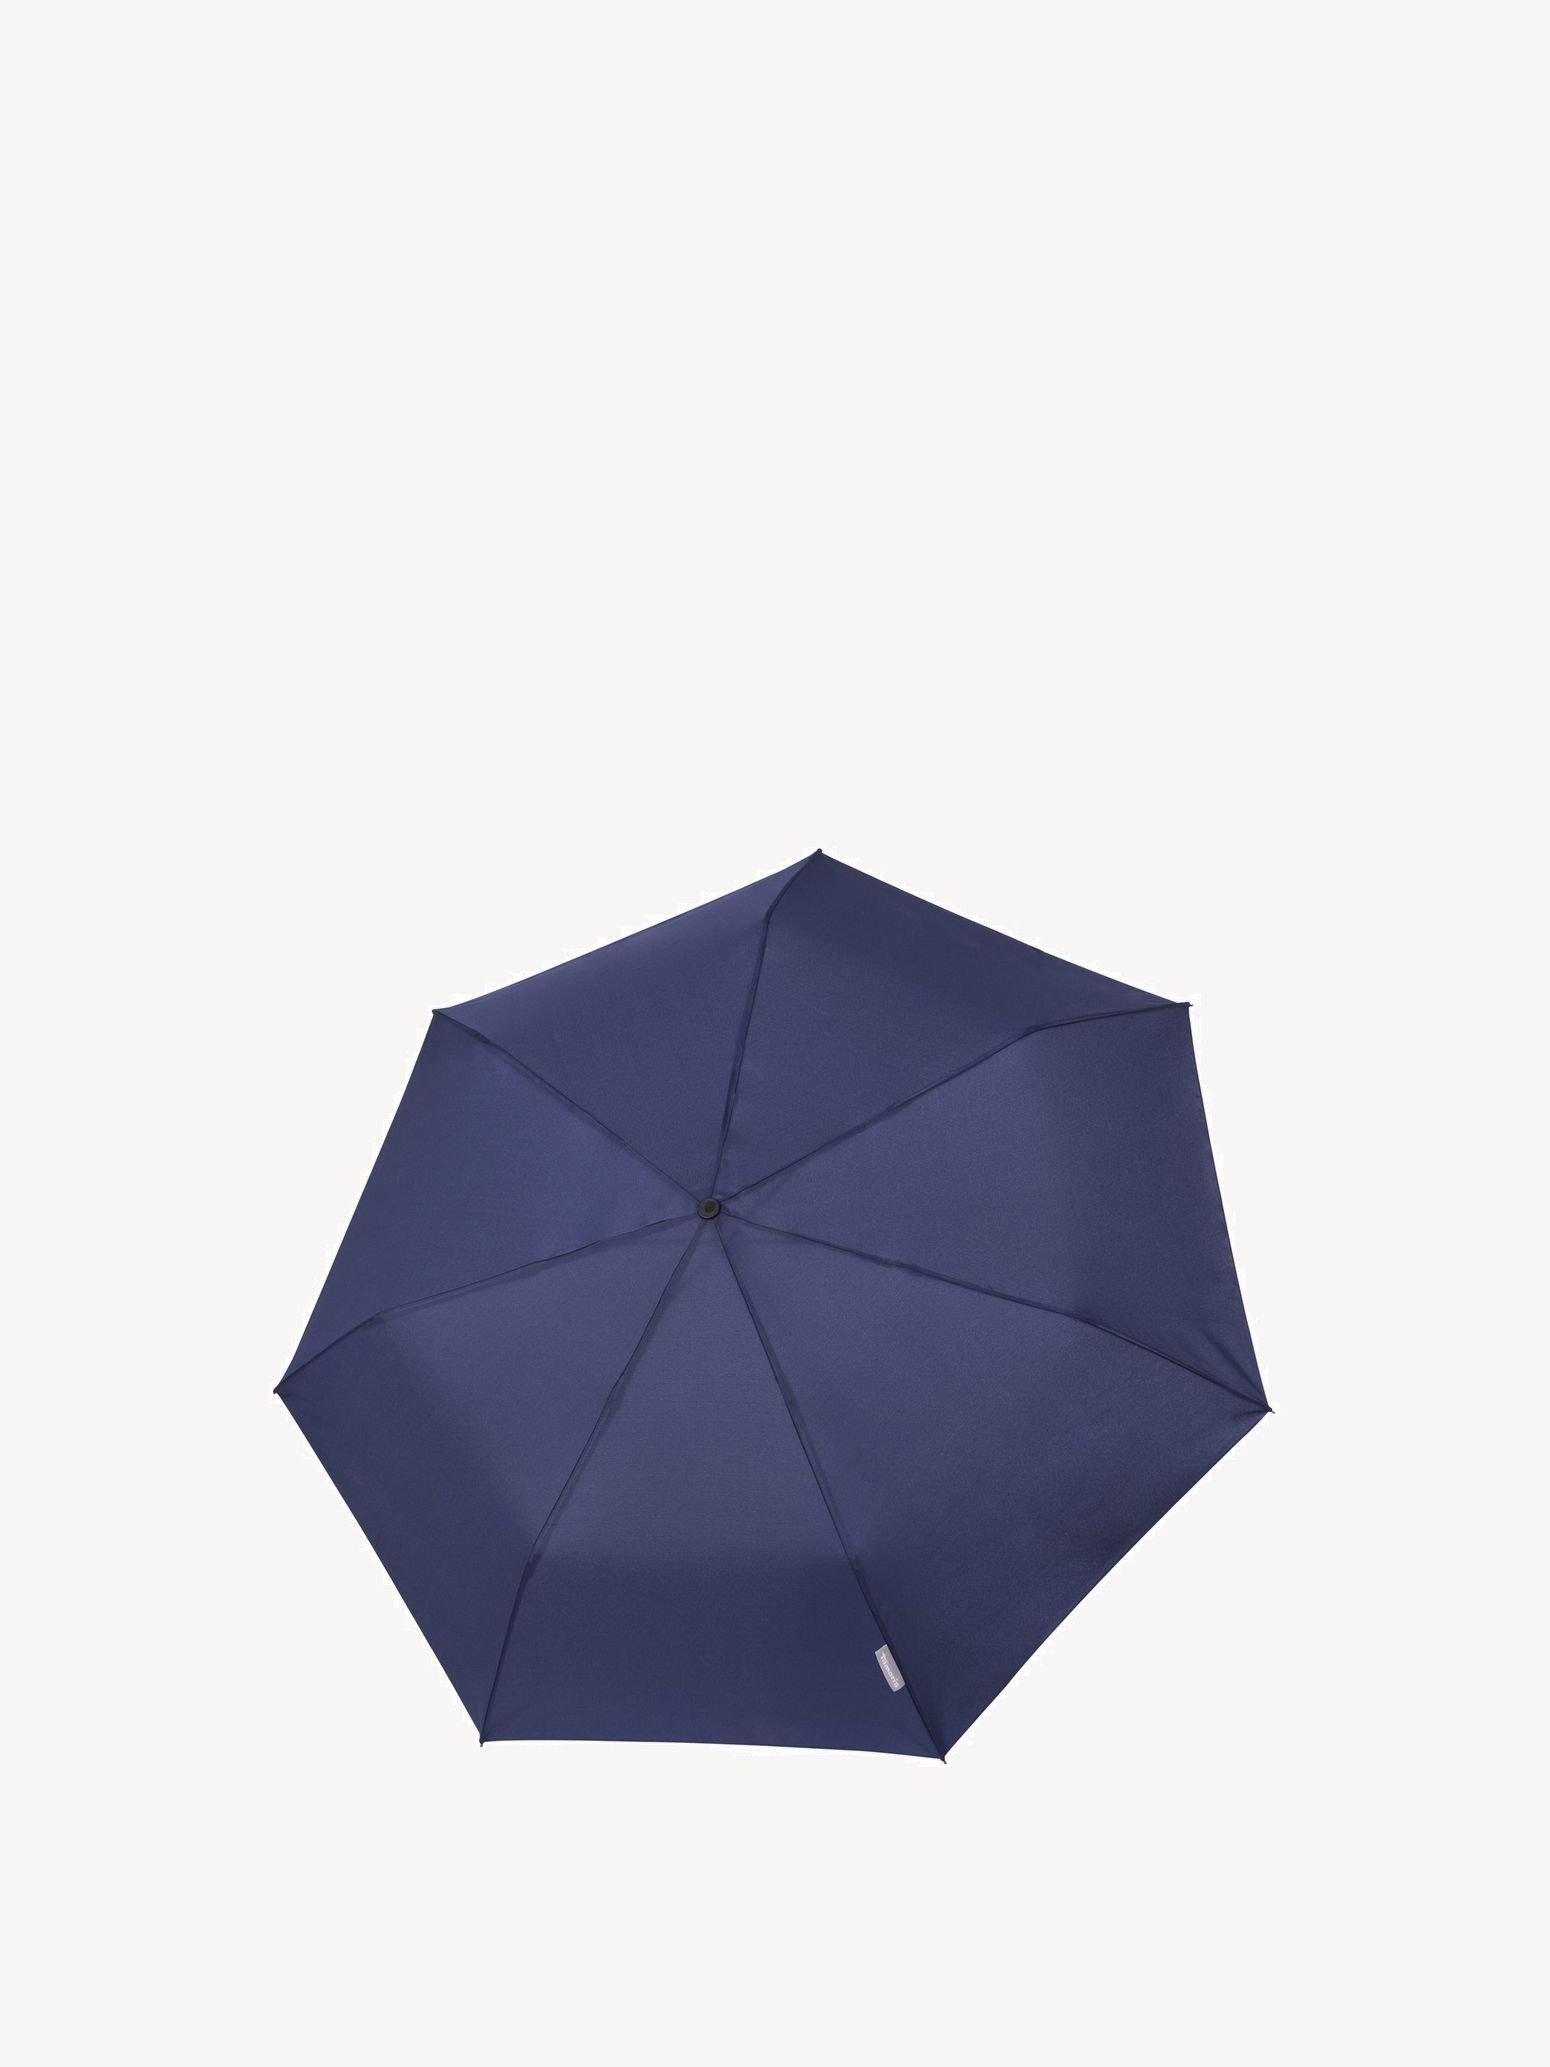 Зонт автомат Tambrella Auto